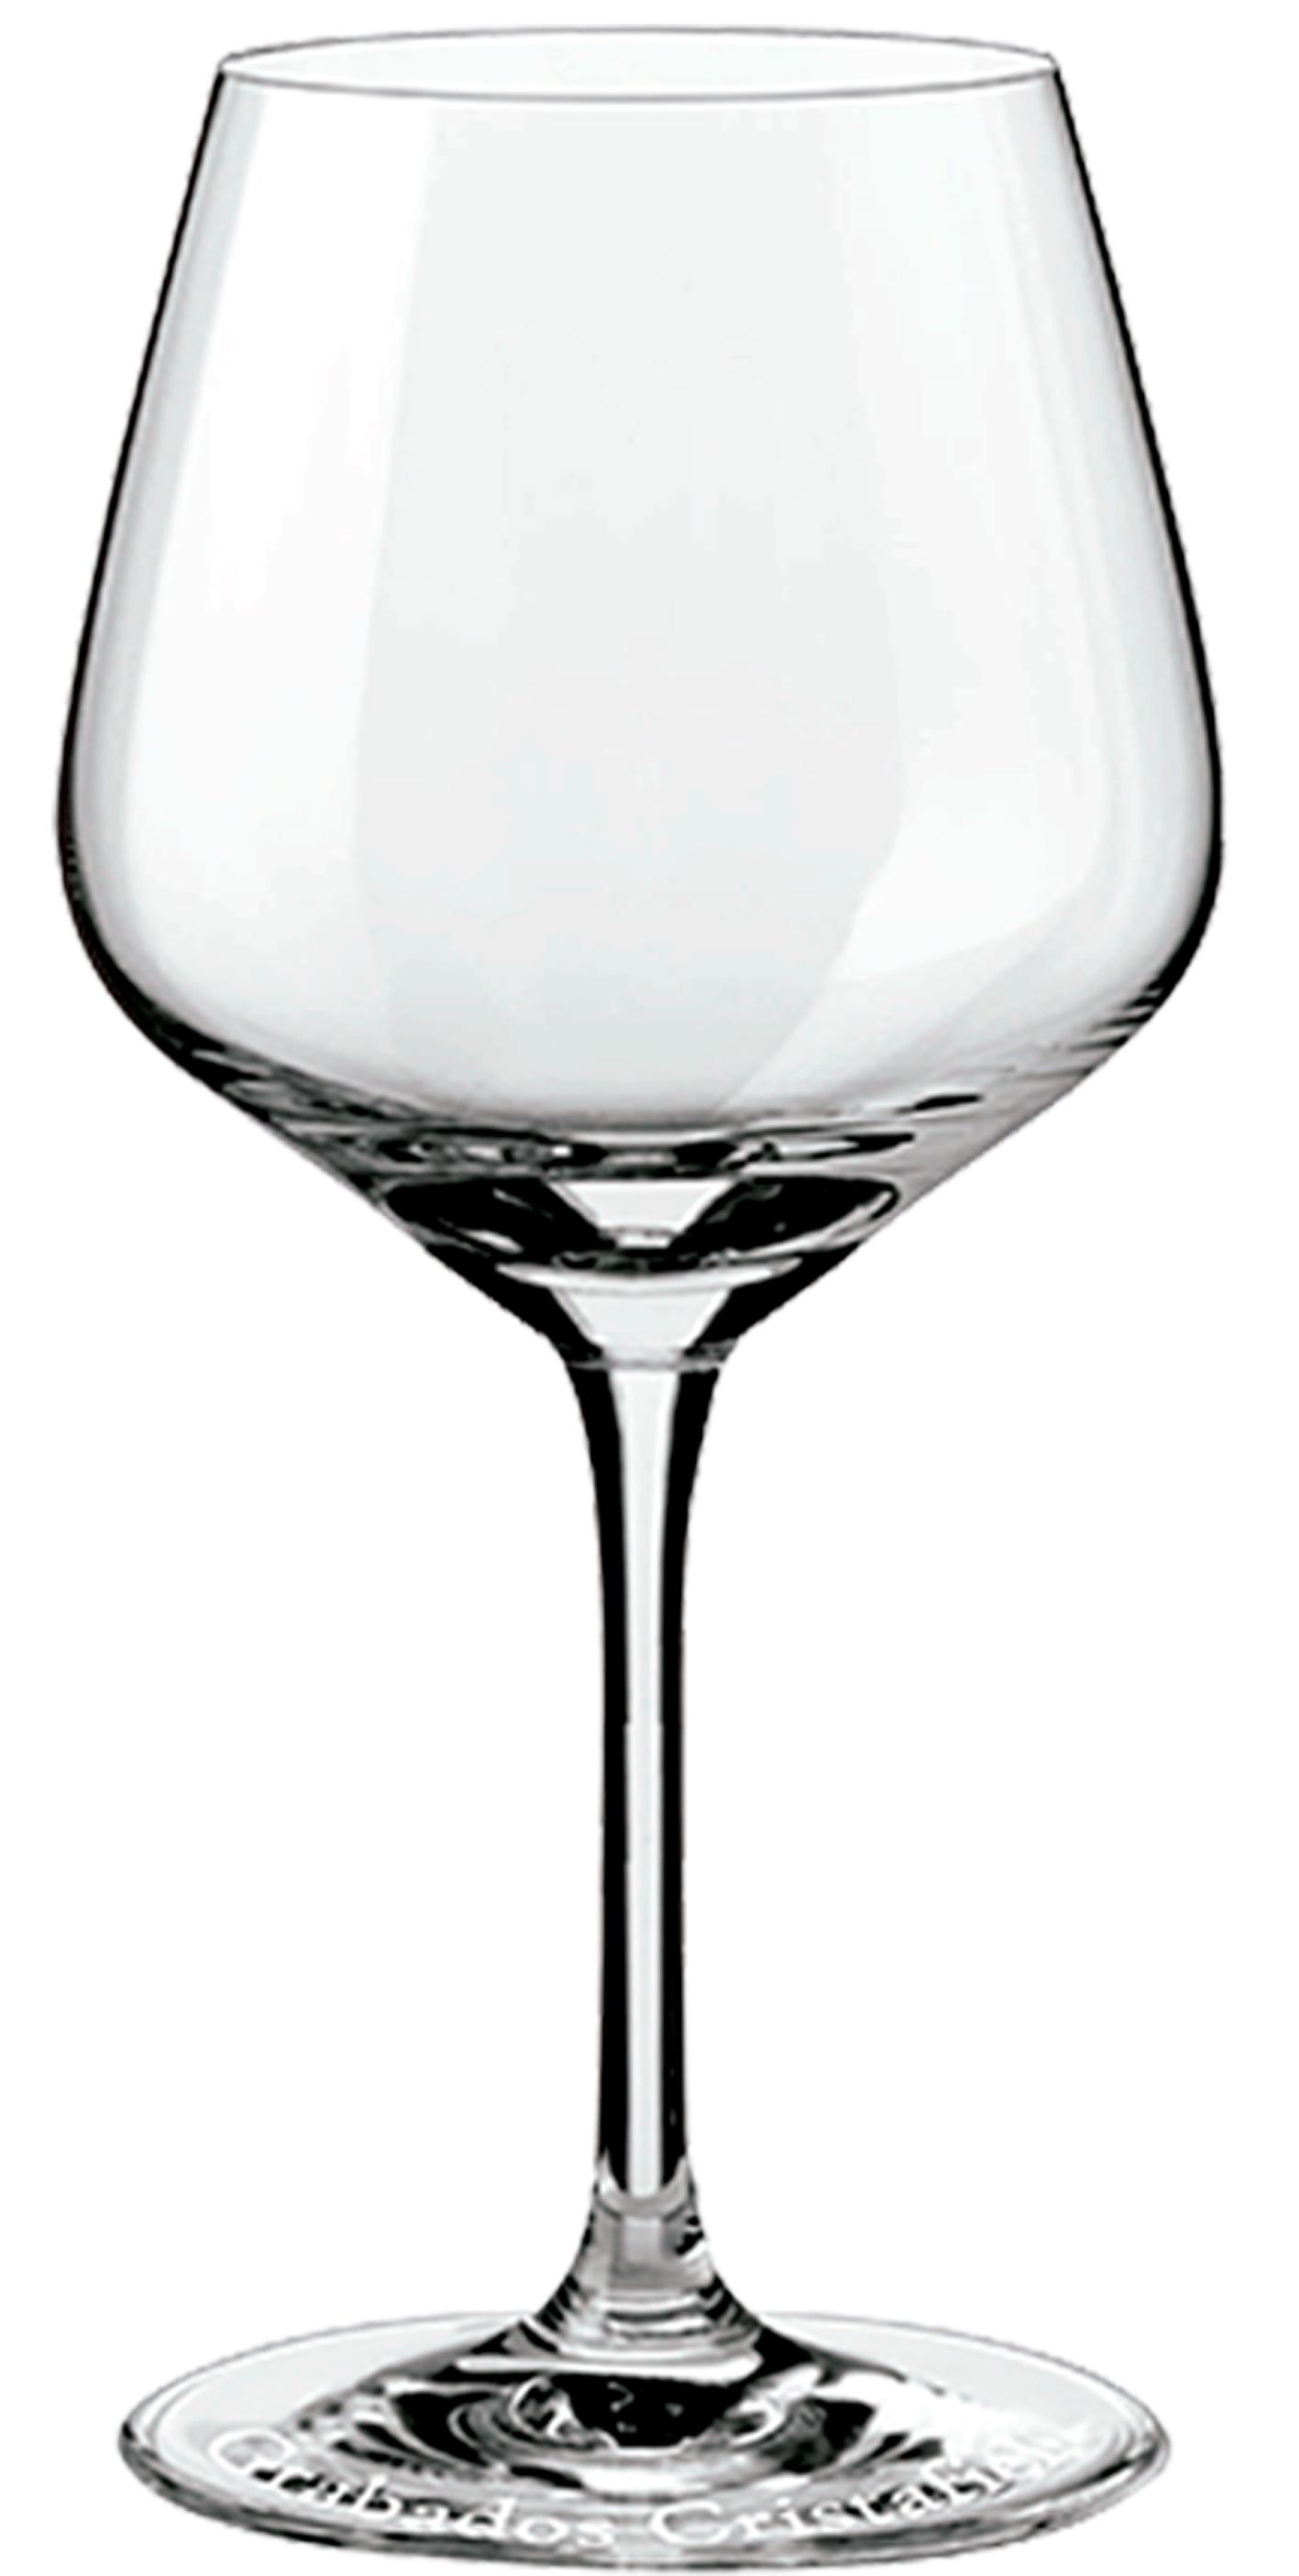 Cristafiel Grabados Catálogo Especial Bar Copa Premium Gin Plus 802ml